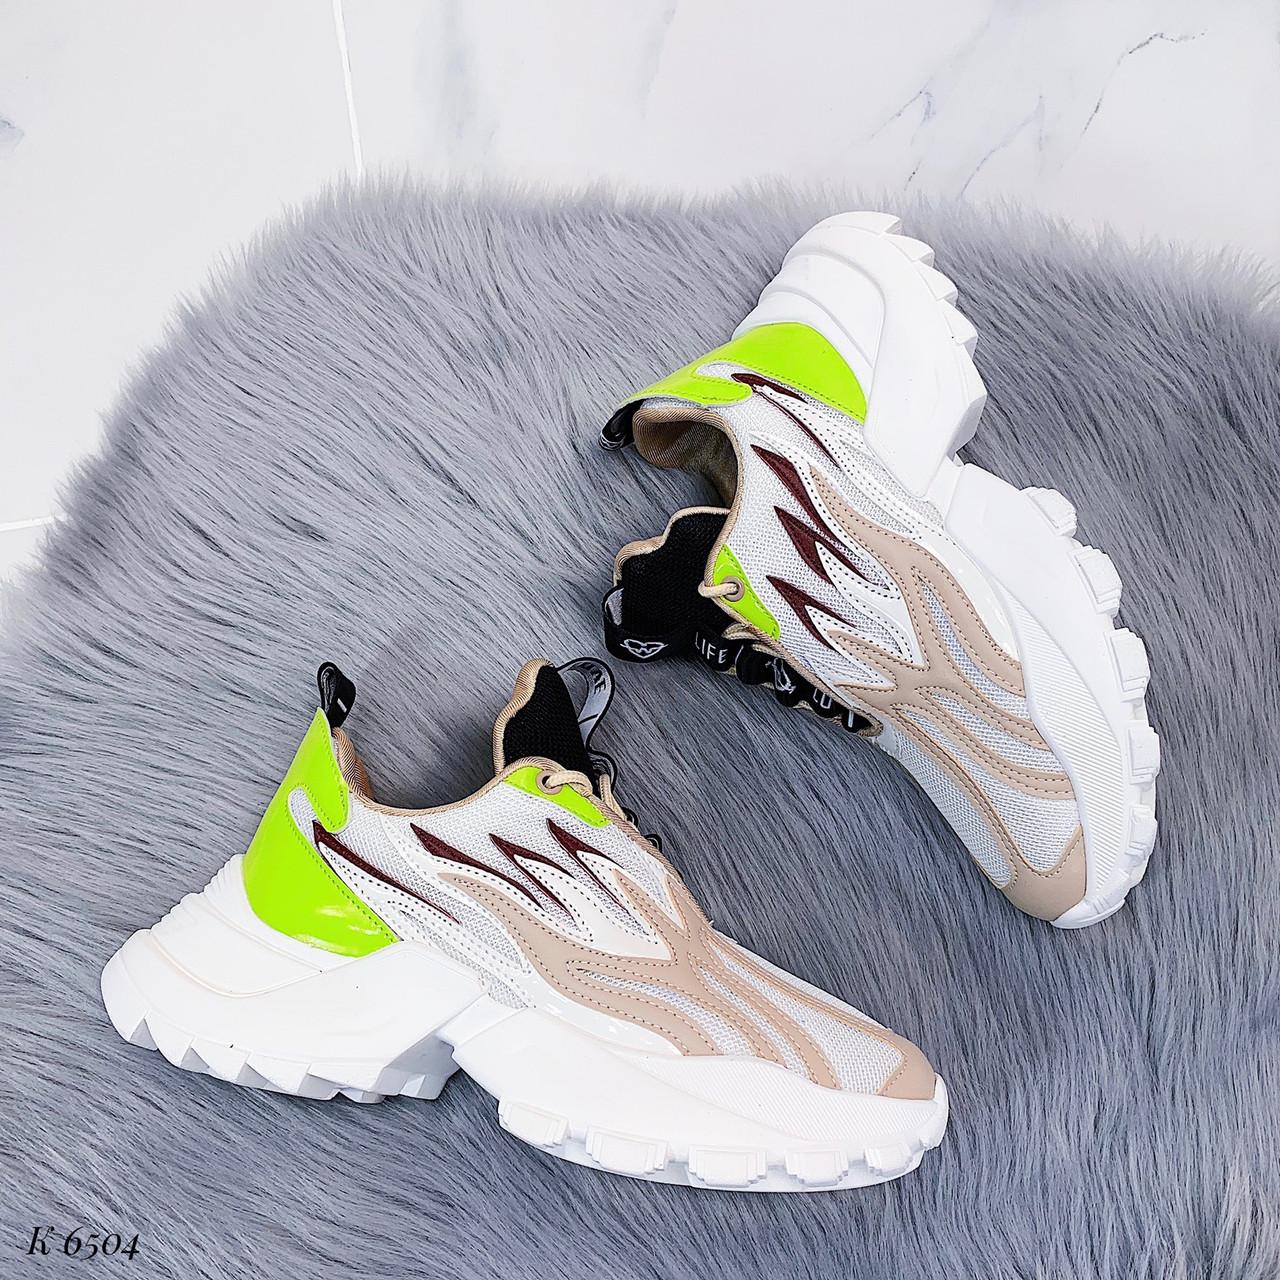 Женские кроссовки комбинированного цвета, из текстиля/эко кожи 36 ПОСЛЕДНИЕ РАЗМЕРЫ